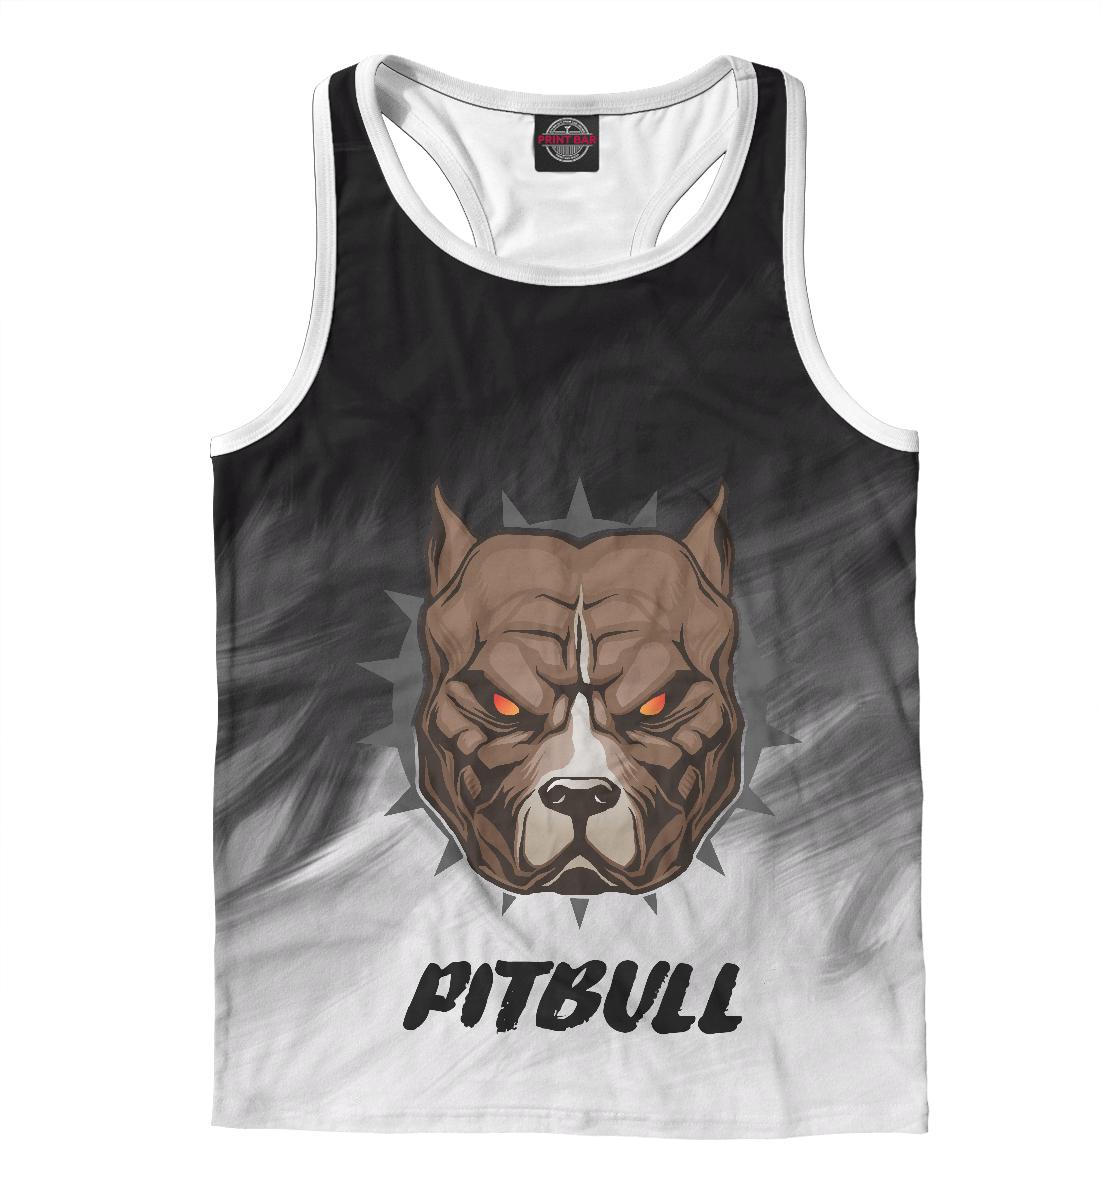 Купить Pitbull, Printbar, Майки борцовки, DOG-144963-mayb-2